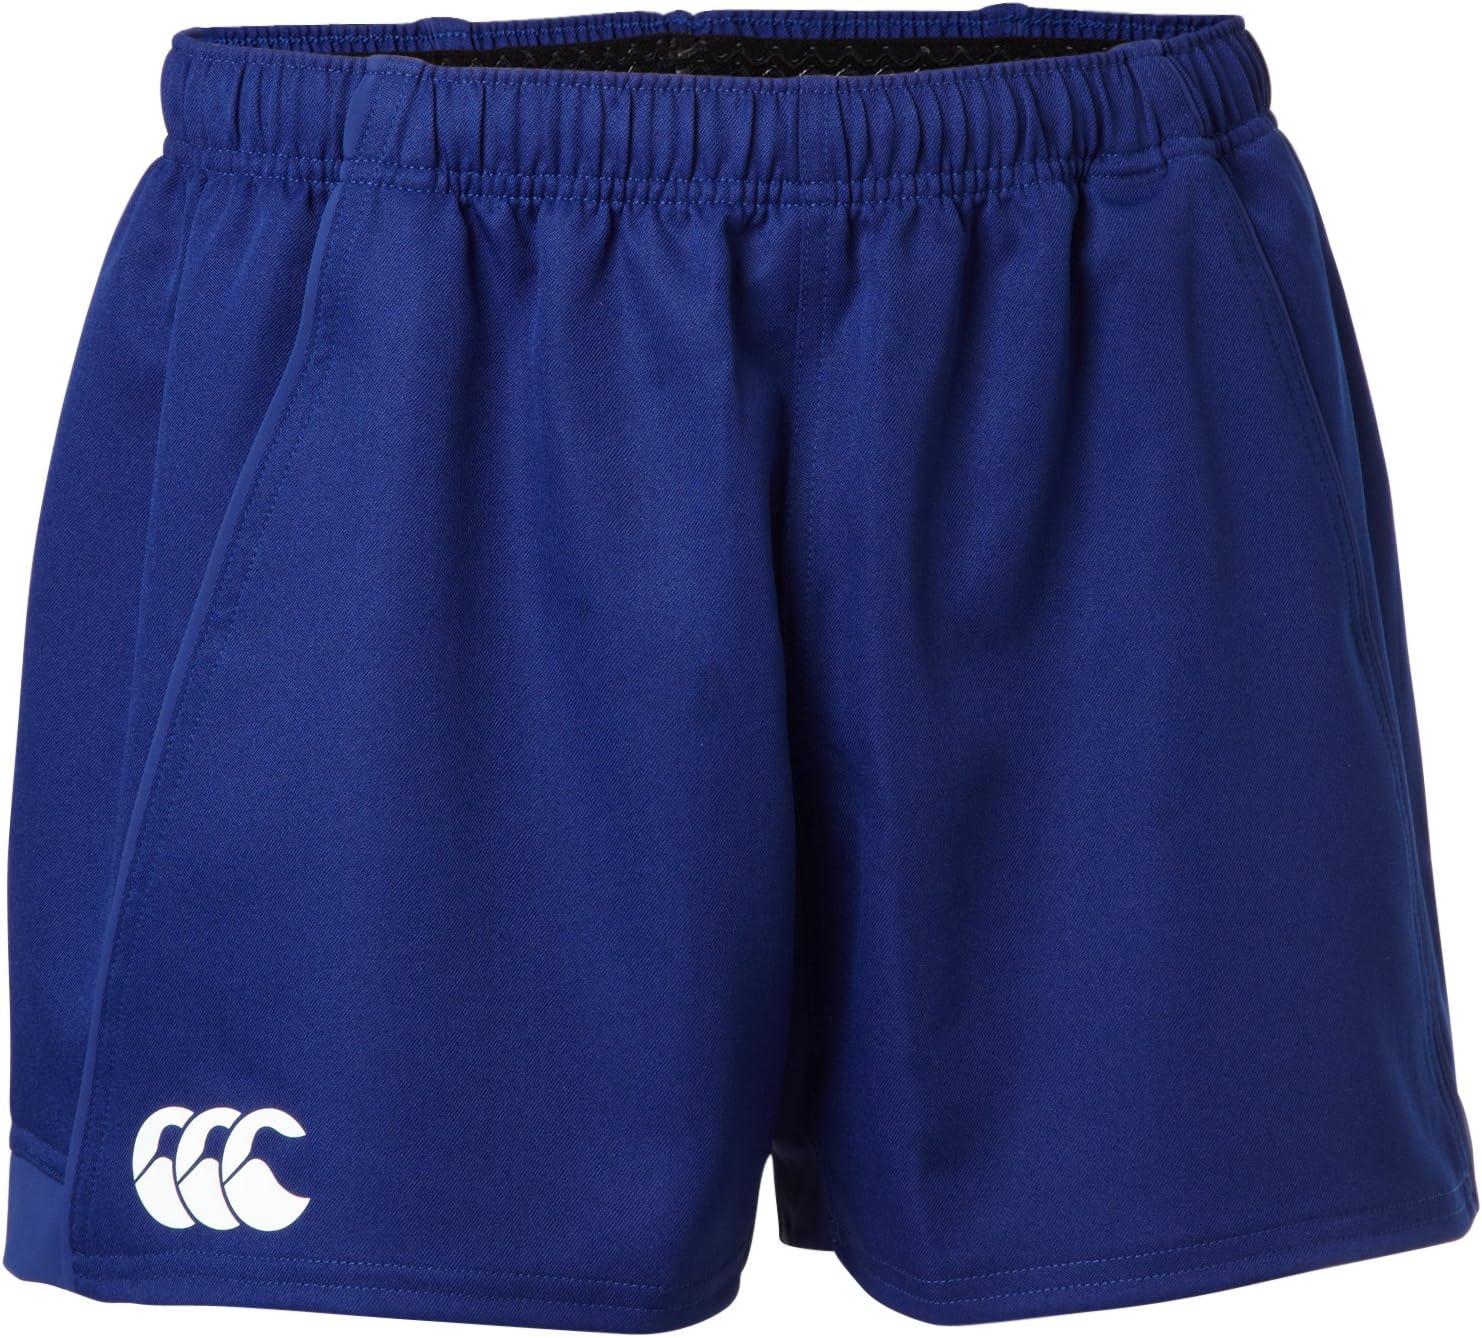 Canterbury Advantage Pantalones Cortos, Hombre